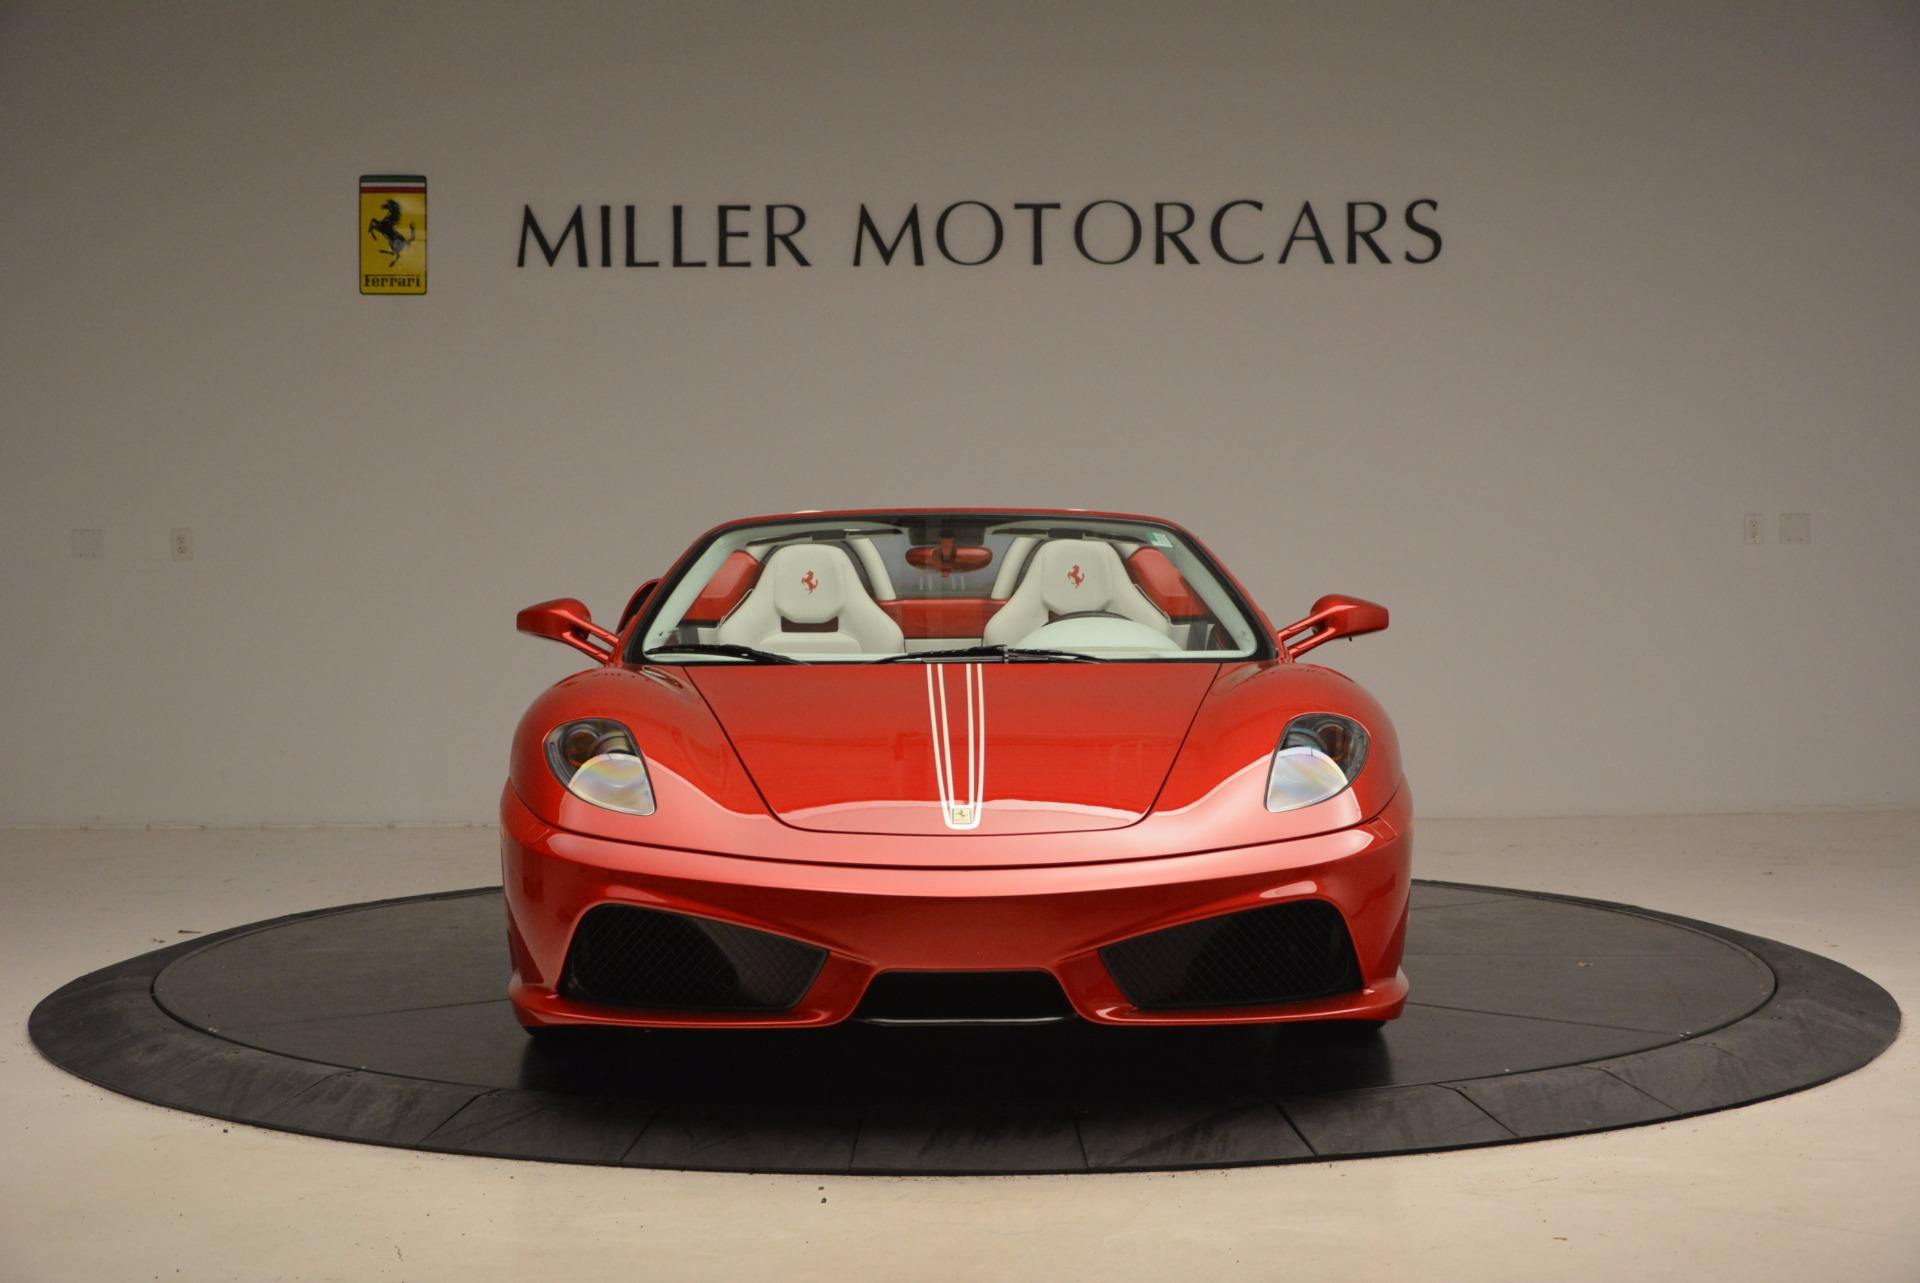 Used 2009 Ferrari F430 Scuderia 16M For Sale In Greenwich, CT 1398_p12